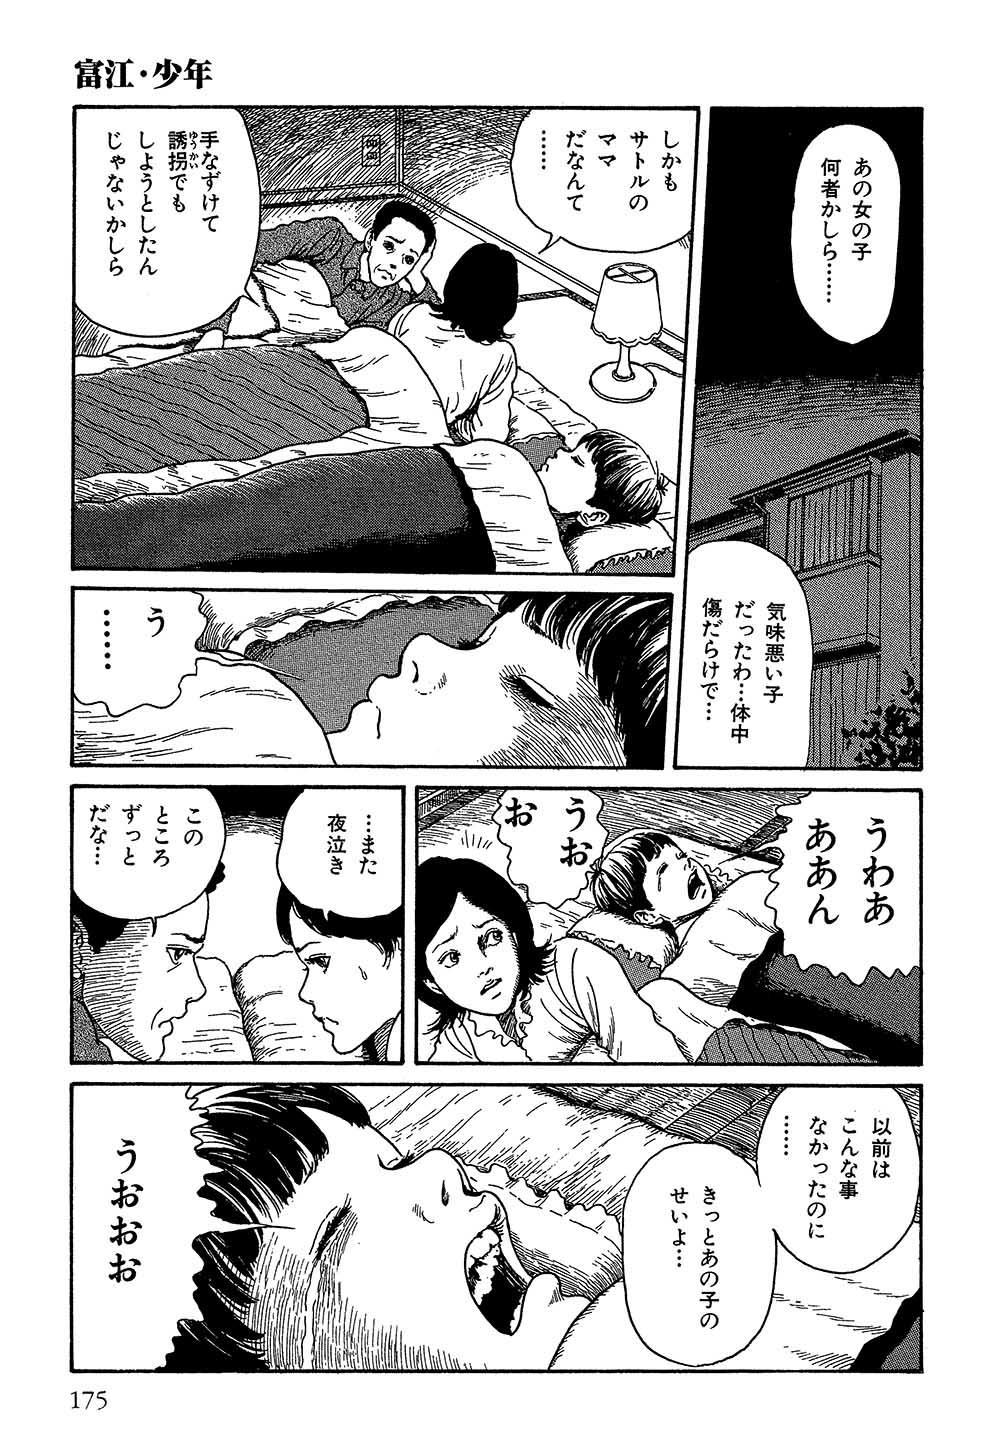 itouj_0002_0177.jpg